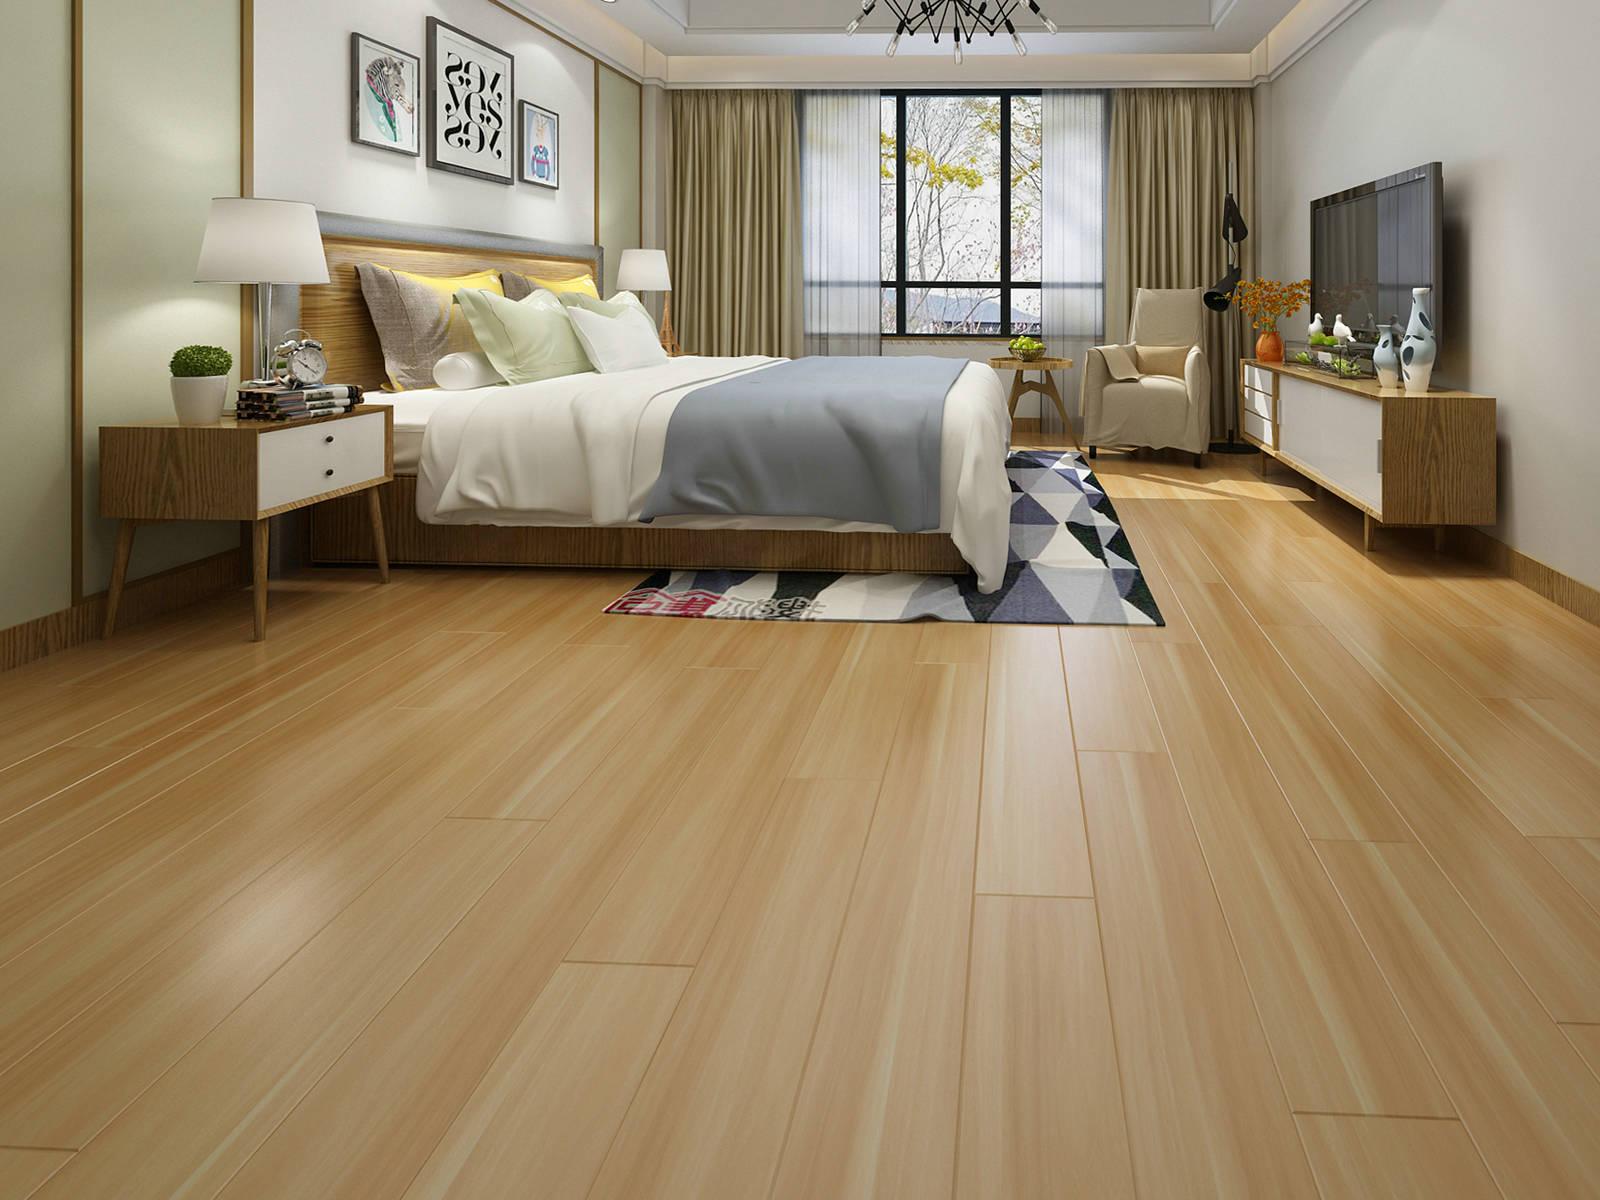 实木地板强化地板复合地板选哪个?武汉装修公司教你使用选购技巧